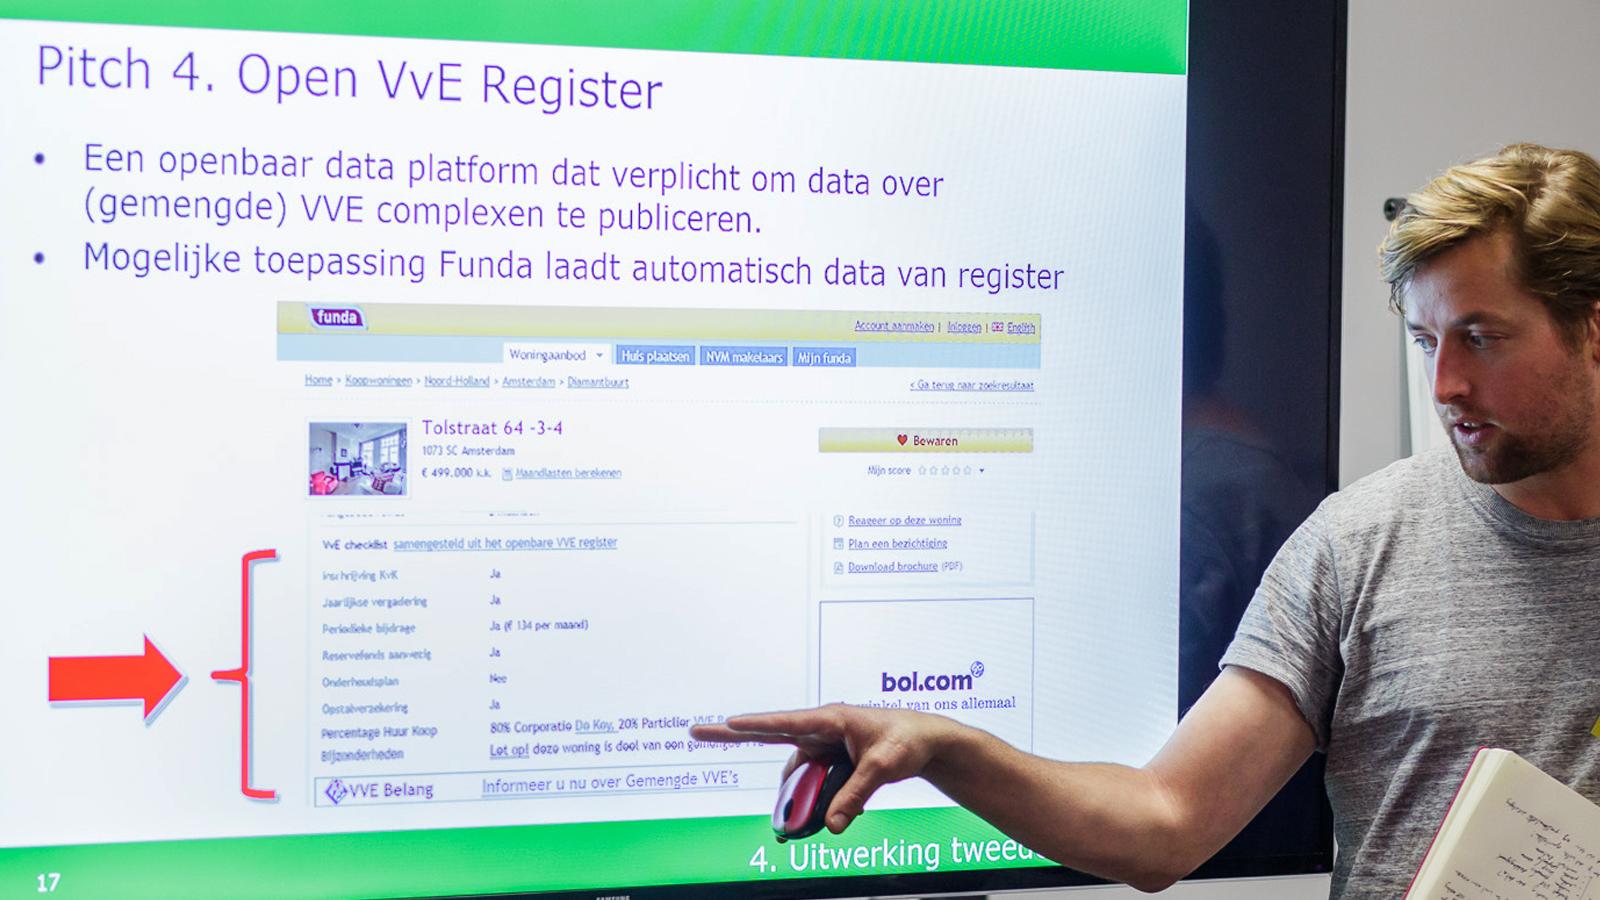 protoype van een open VVE register op funda